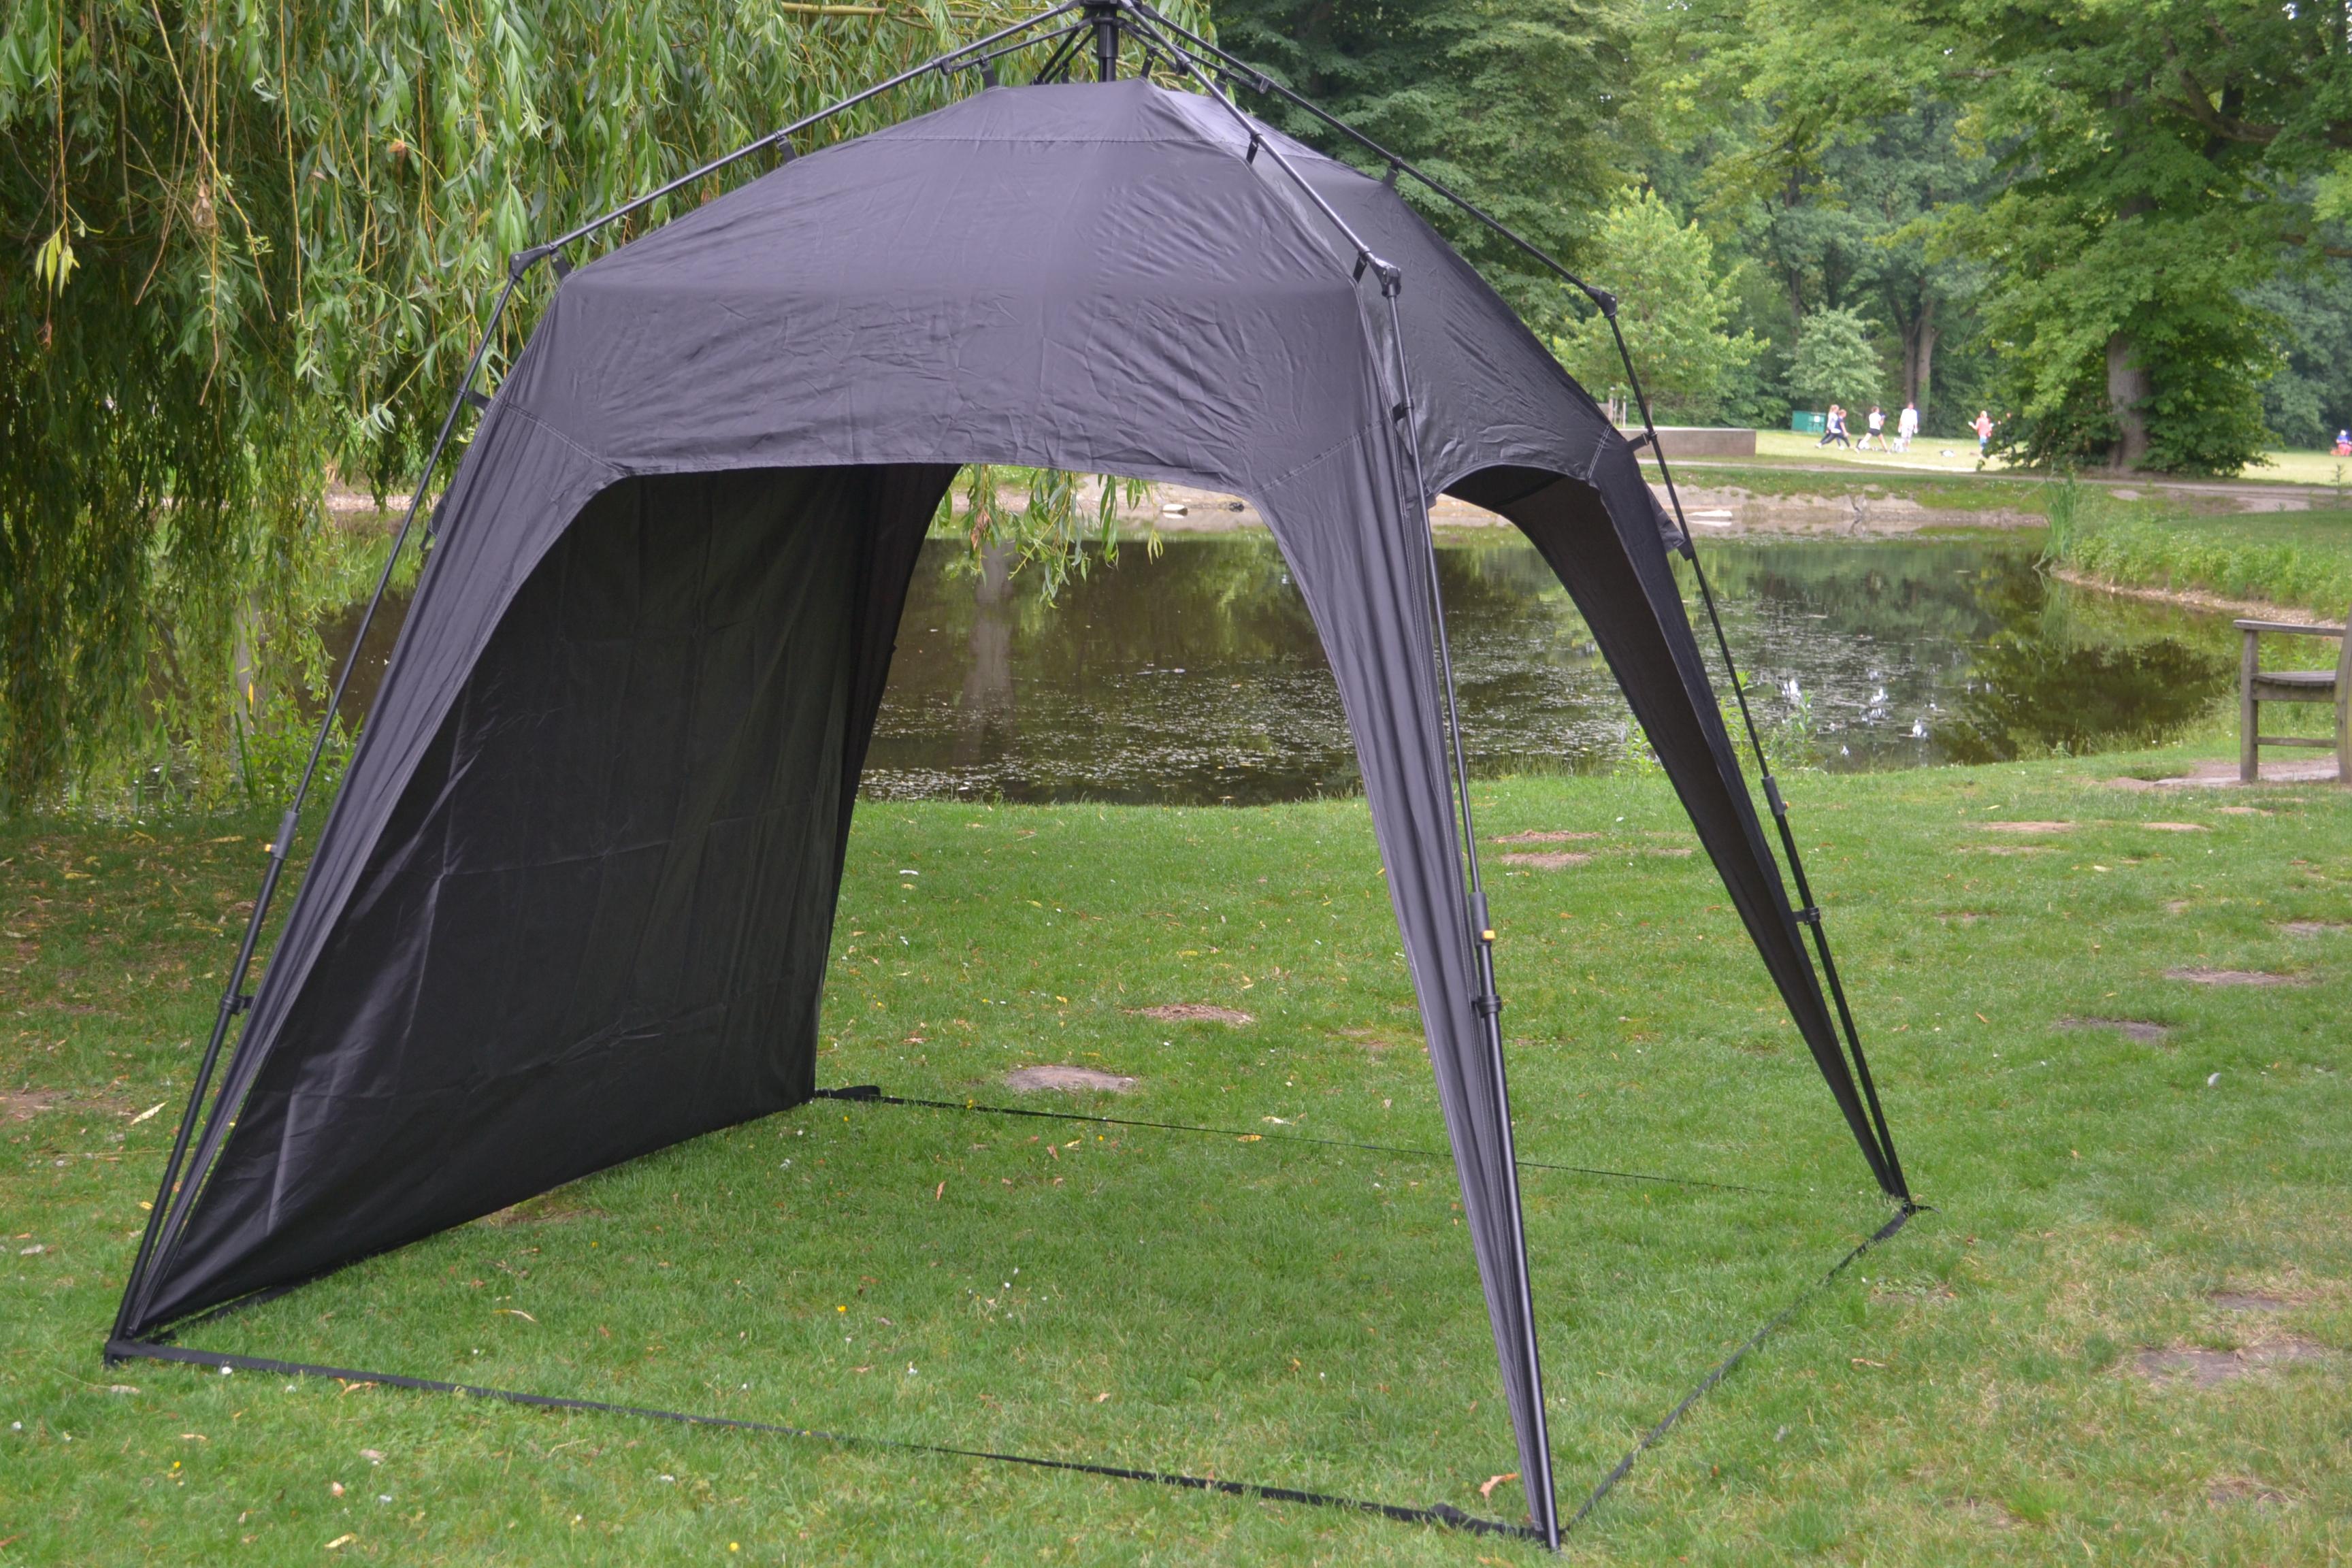 Campingzelt Outdoor Faltbar Pavillon Gartenzelt + 1 Seitenteile Tasche&Herrringe Schwarz